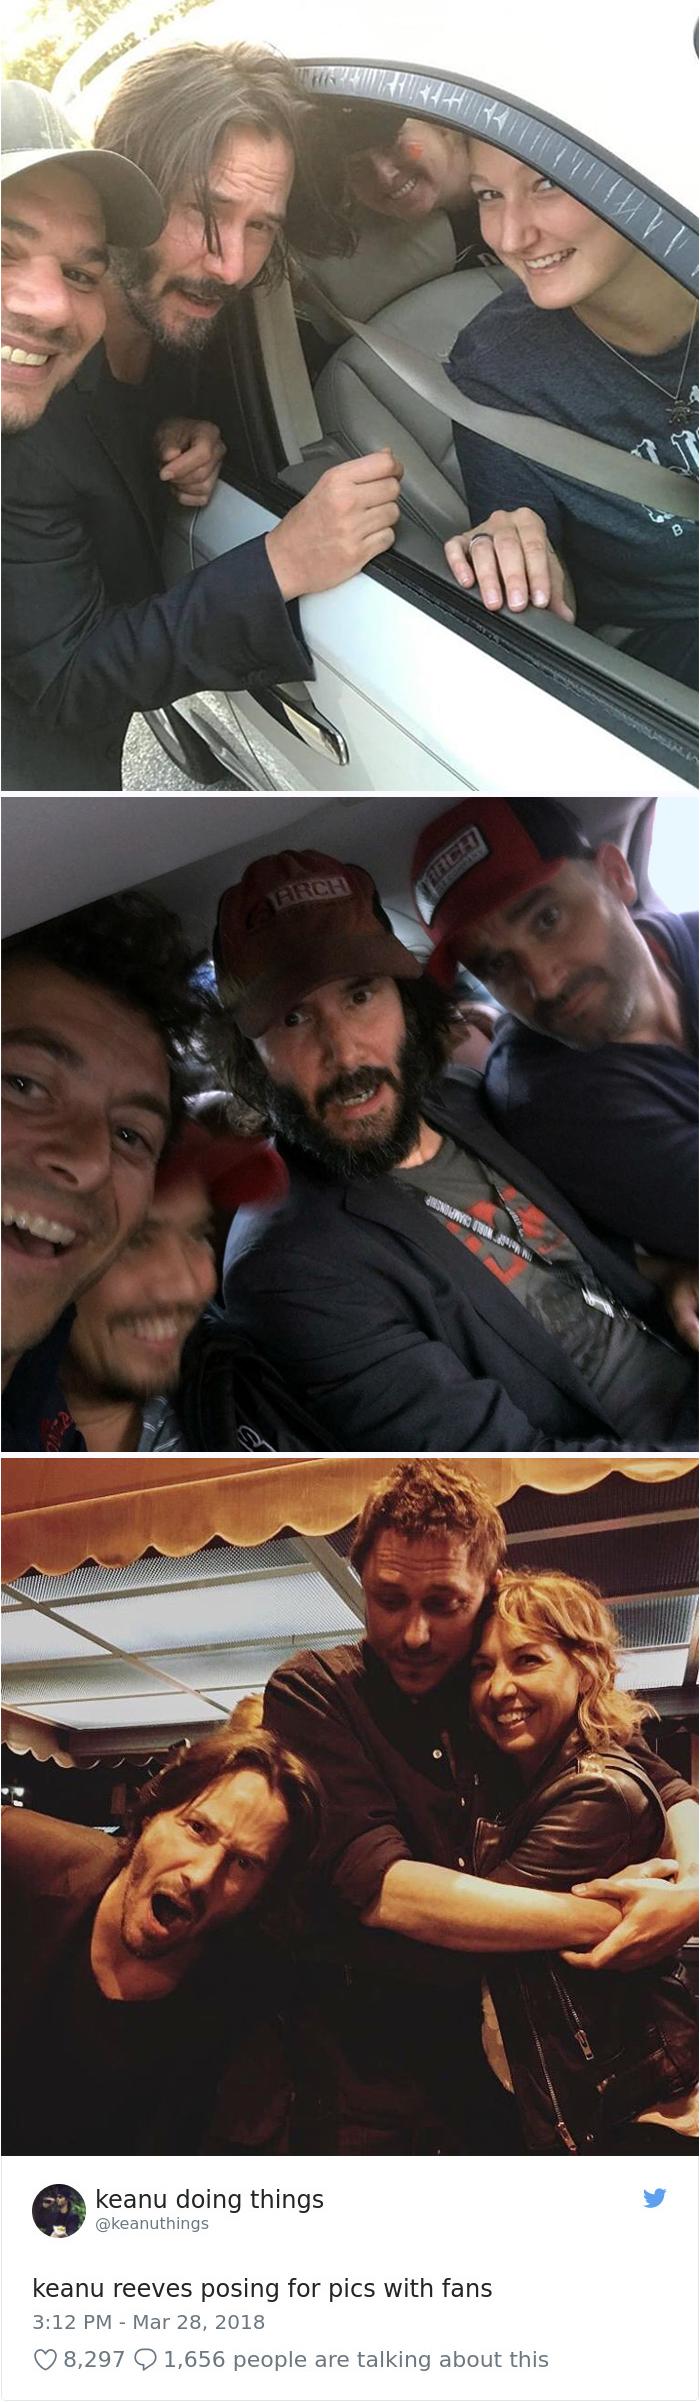 Keanu Reeves posando en fotos con los fans